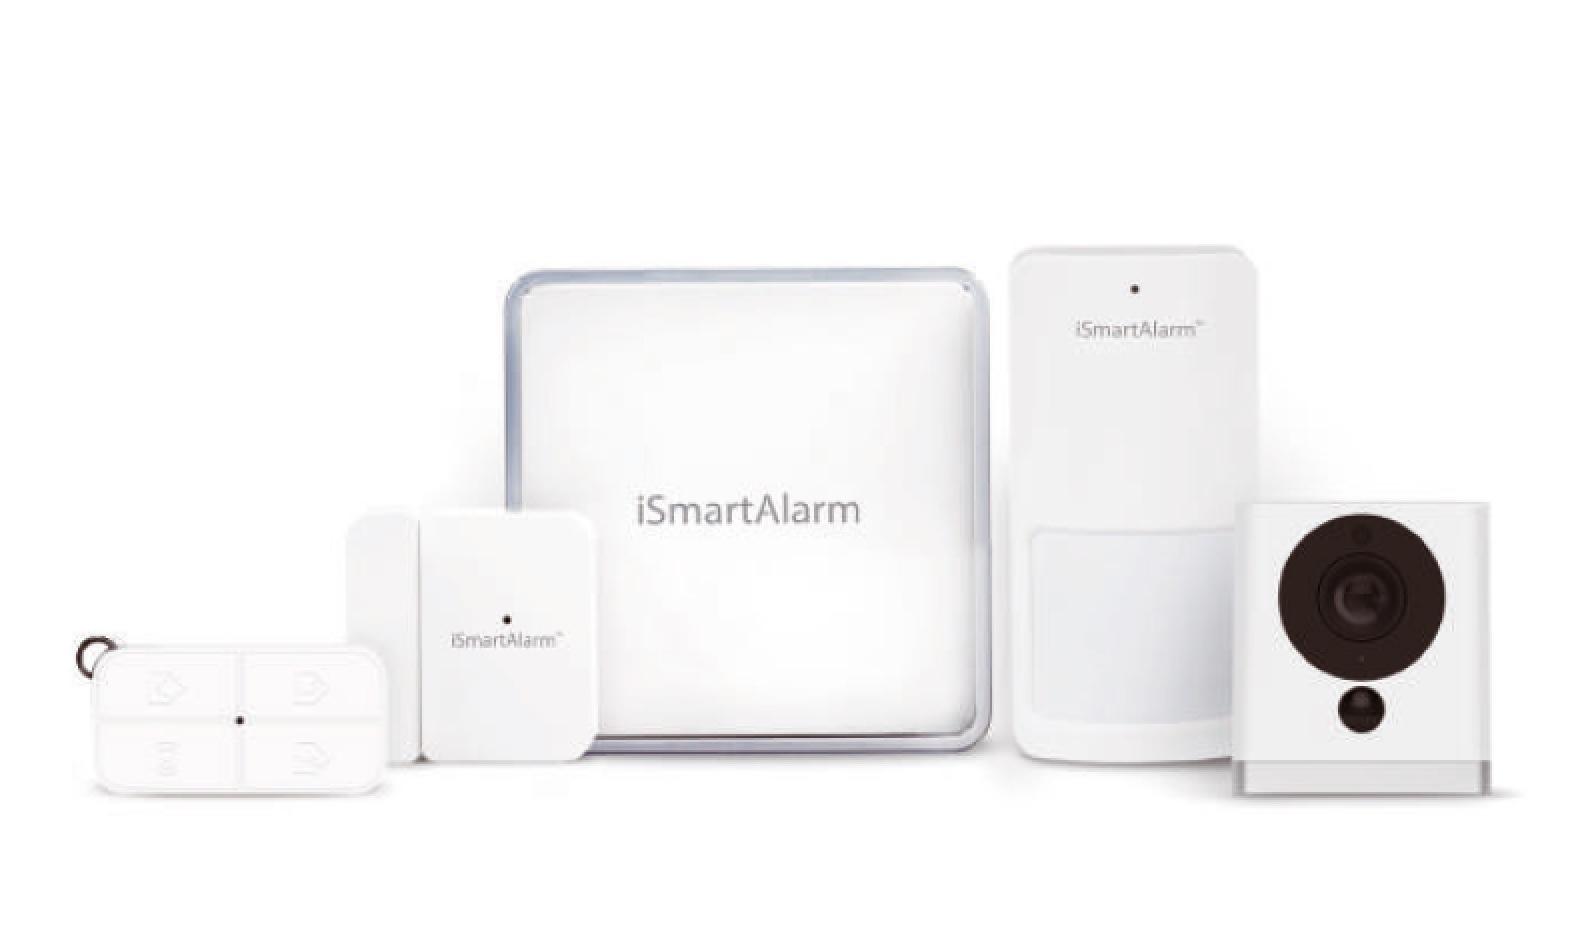 ismartalarm essential pack sch tzt eigenes zuhause smart wohnen. Black Bedroom Furniture Sets. Home Design Ideas